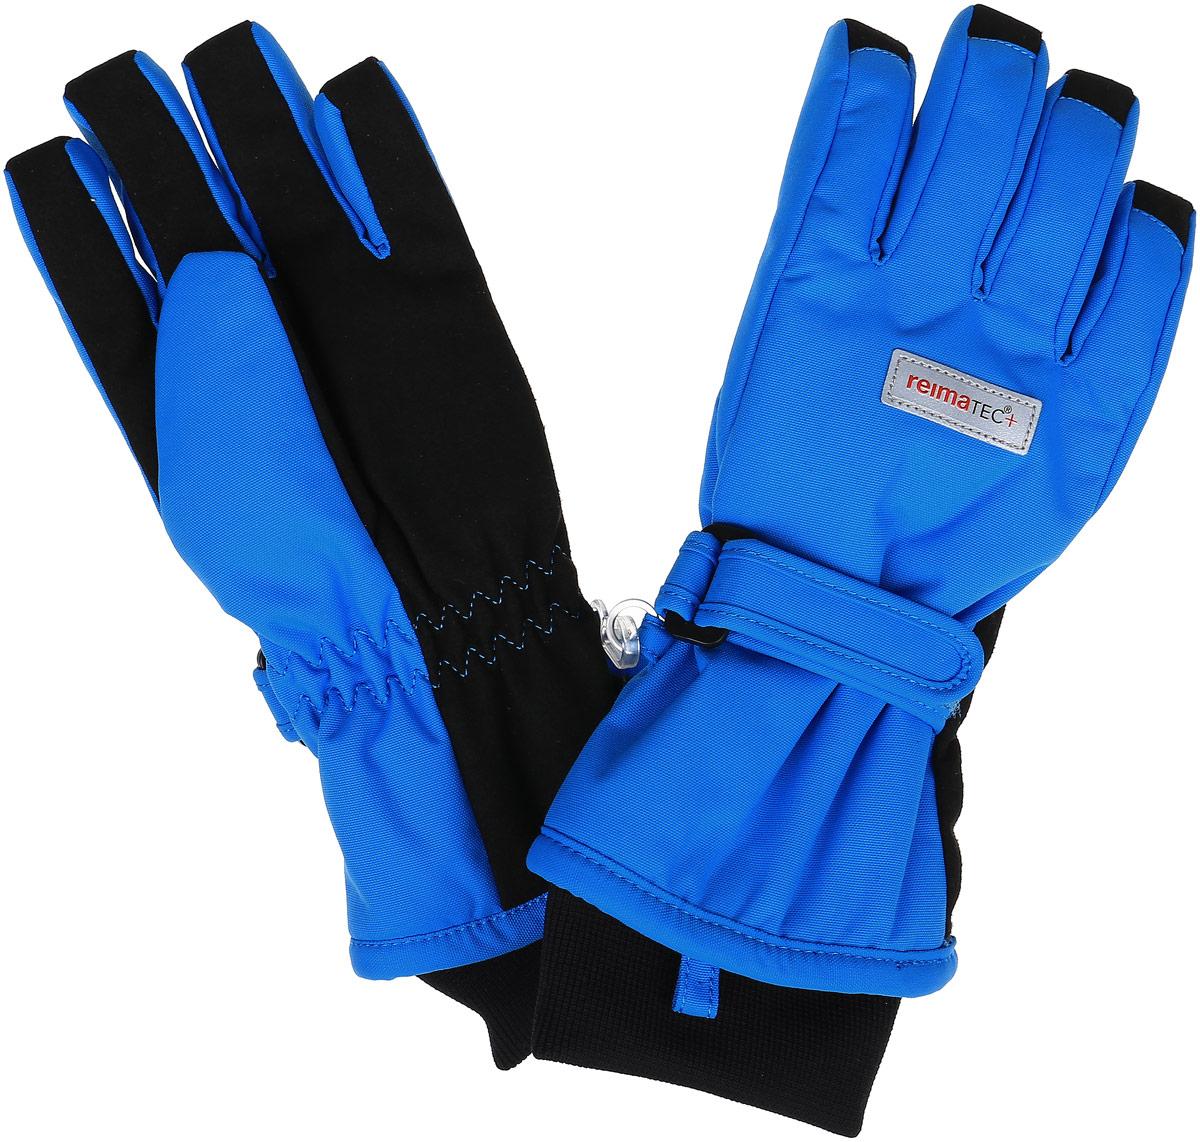 Перчатки детские Reima Reimatec+ Tartu, цвет: голубой. 527251-4900. Размер 3527251-6560Детские перчатки Reima Reimatec+ Tartu станут идеальным вариантом для холодной зимней погоды. На подкладке используется высококачественный полиэстер, который хорошо удерживает тепло.Для большего удобства на запястьях перчатки дополнены хлястиками на липучках с внешней стороны, а на ладошках, кончиках пальцев и с внутренней стороны большого пальца - усиленными водонепроницаемивставками Hipora. Теплая флисовая подкладка дарит коже ощущение комфорта и уюта. С внешней стороны перчатки оформлены светоотражающими нашивками с логотипом бренда. Высокая степень утепления. Перчатки станут идеальным вариантом для прохладной погоды, в них ребенку будет тепло и комфортно. Водонепроницаемость: Waterpillar over 10 000 mm